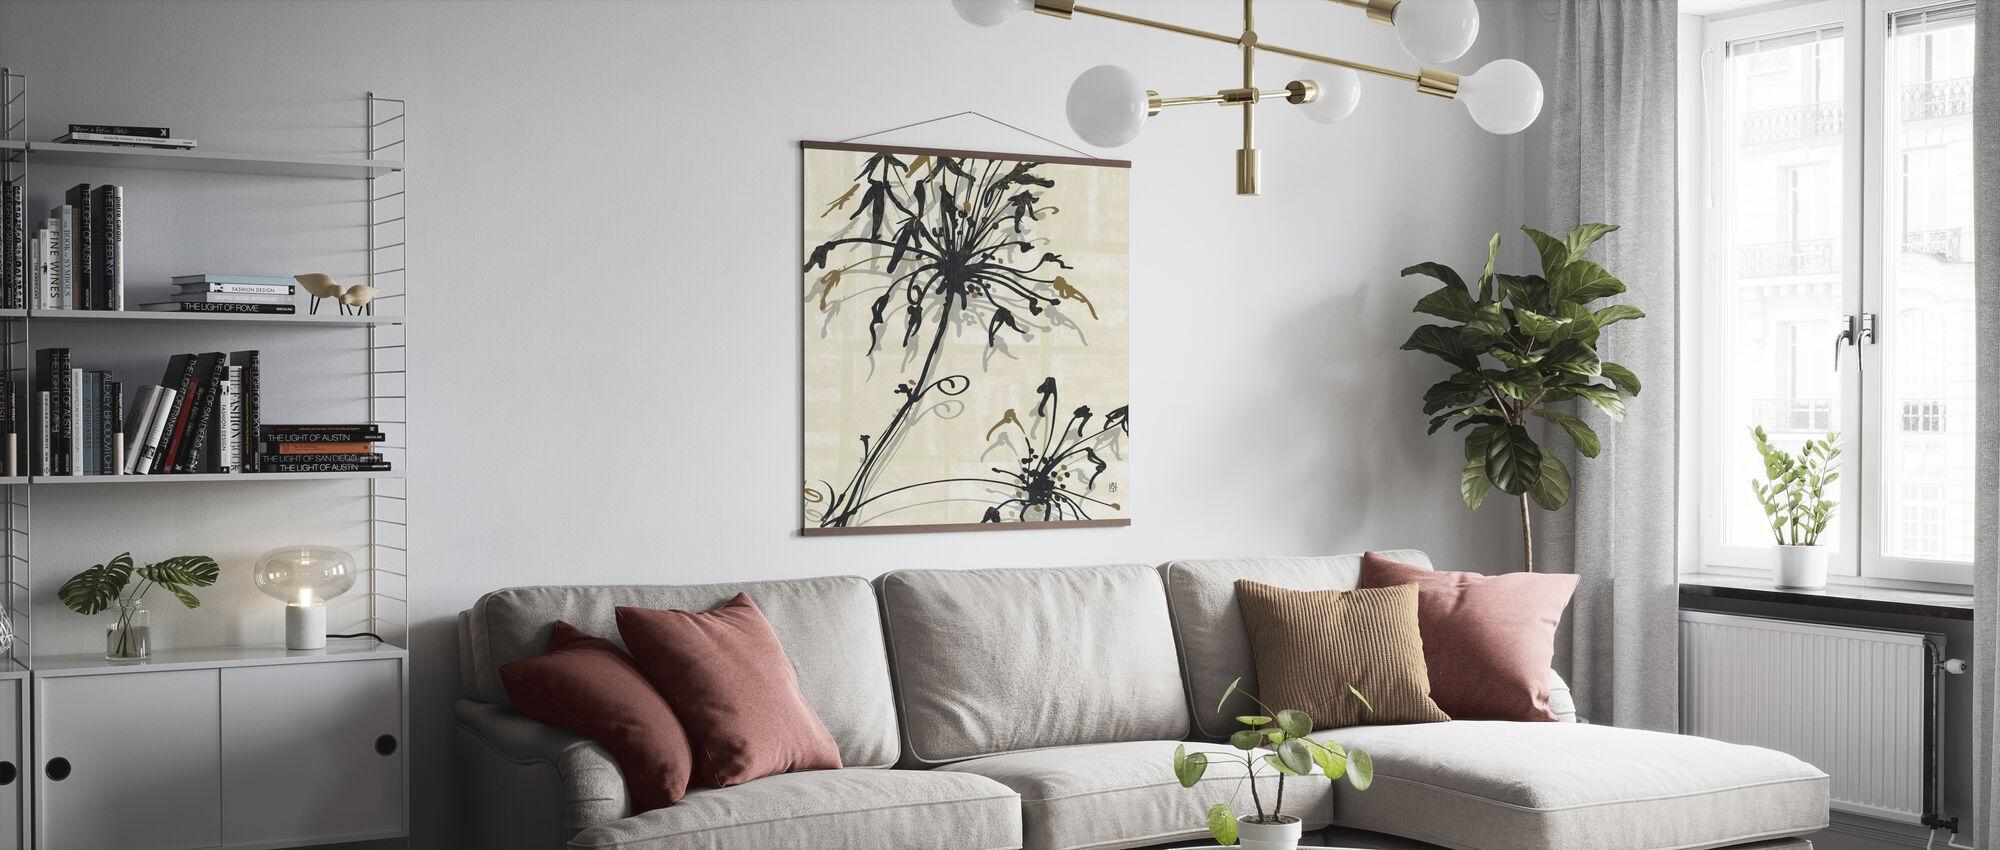 Avery Tillmon - Letting Go I - Poster - Living Room